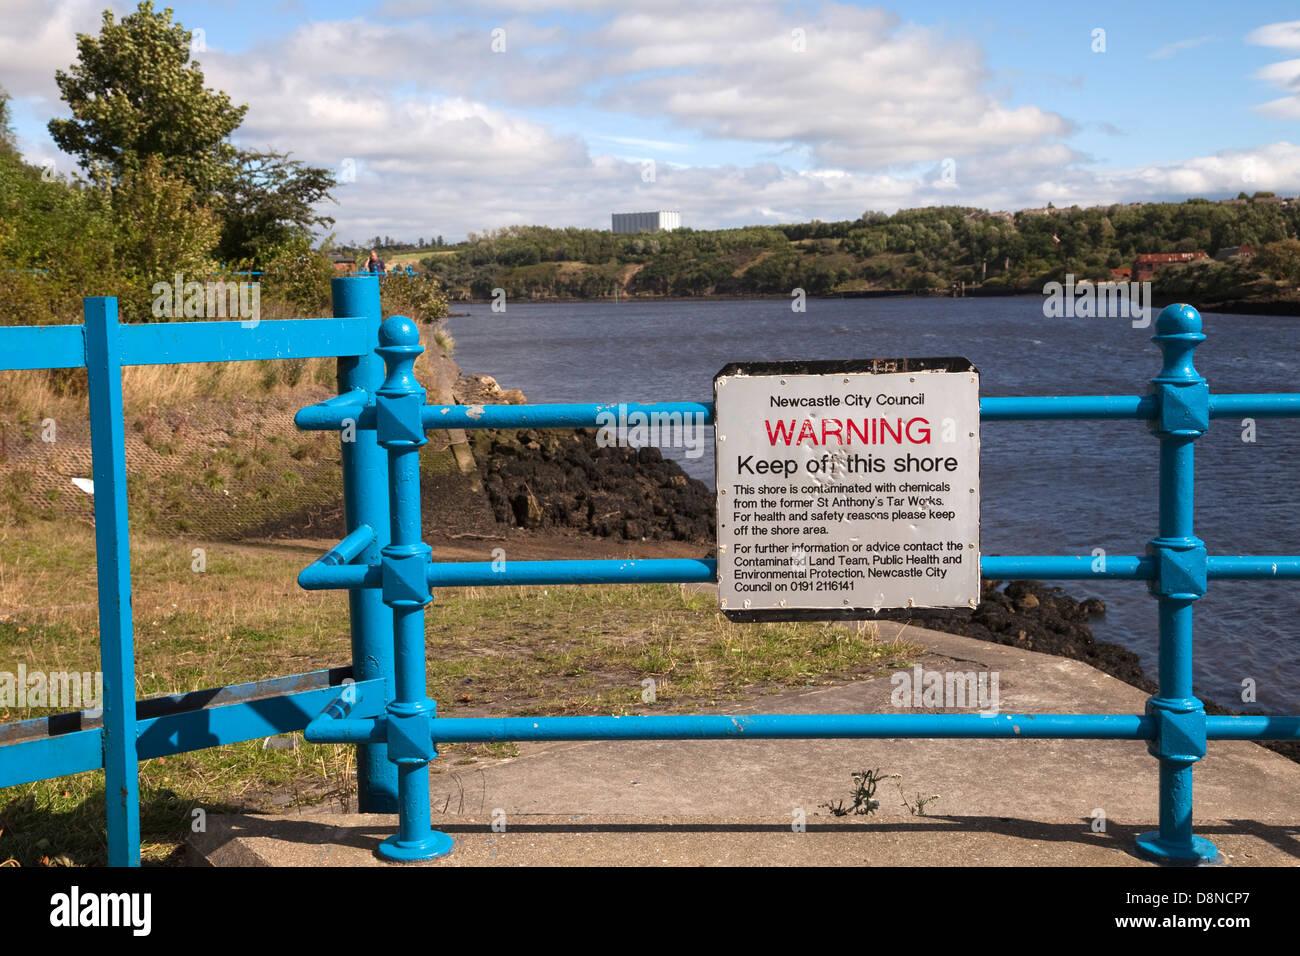 Warning sign at Tyne river - Stock Image